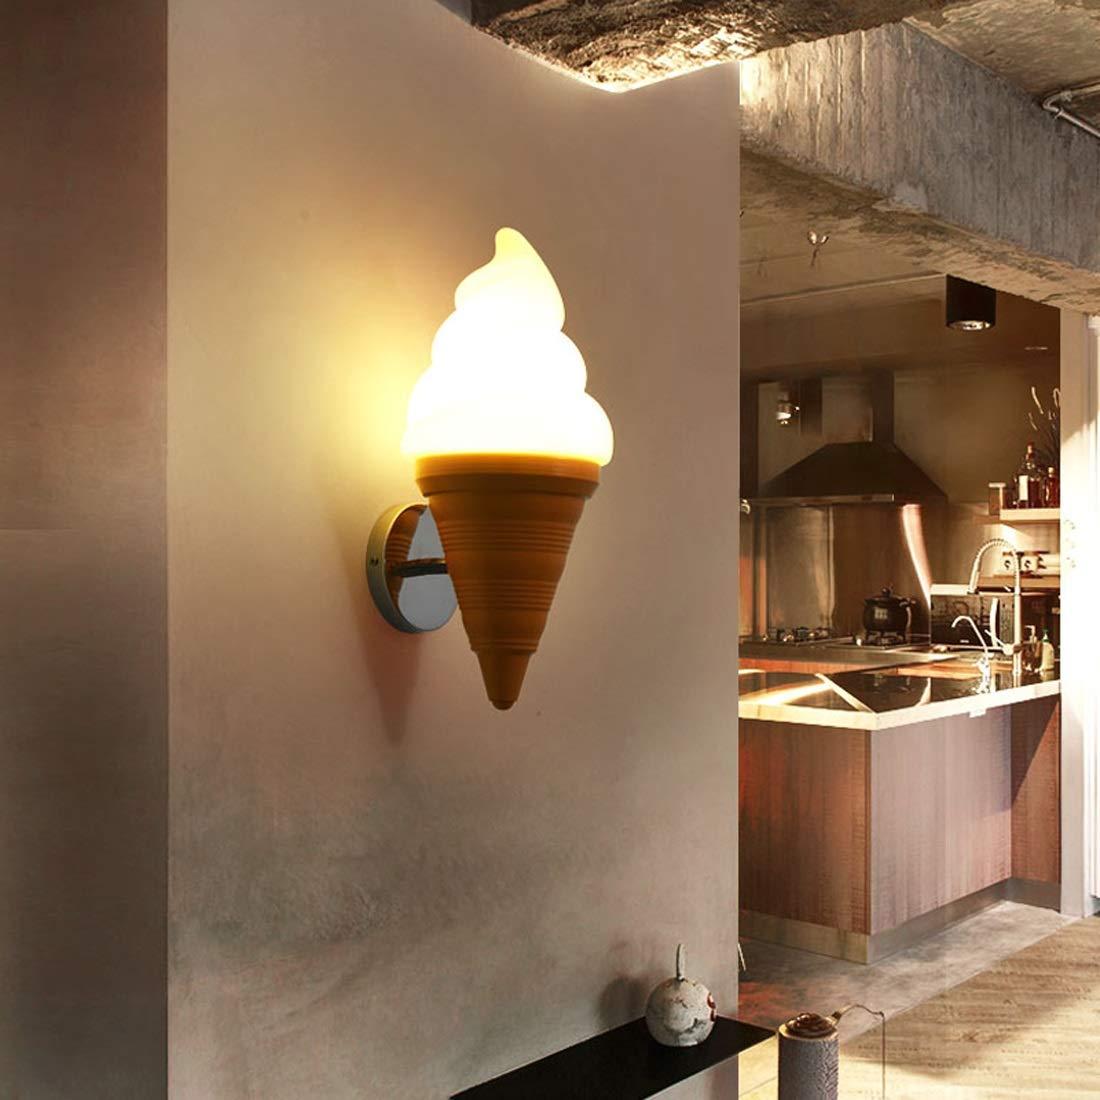 Cafe Restaurant Bar Kaltes Getr/änk Dessert Shop Kinderzimmer Kreative Lampen Eist/üte EIS Wandleuchte Cartoon Wandlampen Led Halterung 7 Watt Design : Warmes Licht